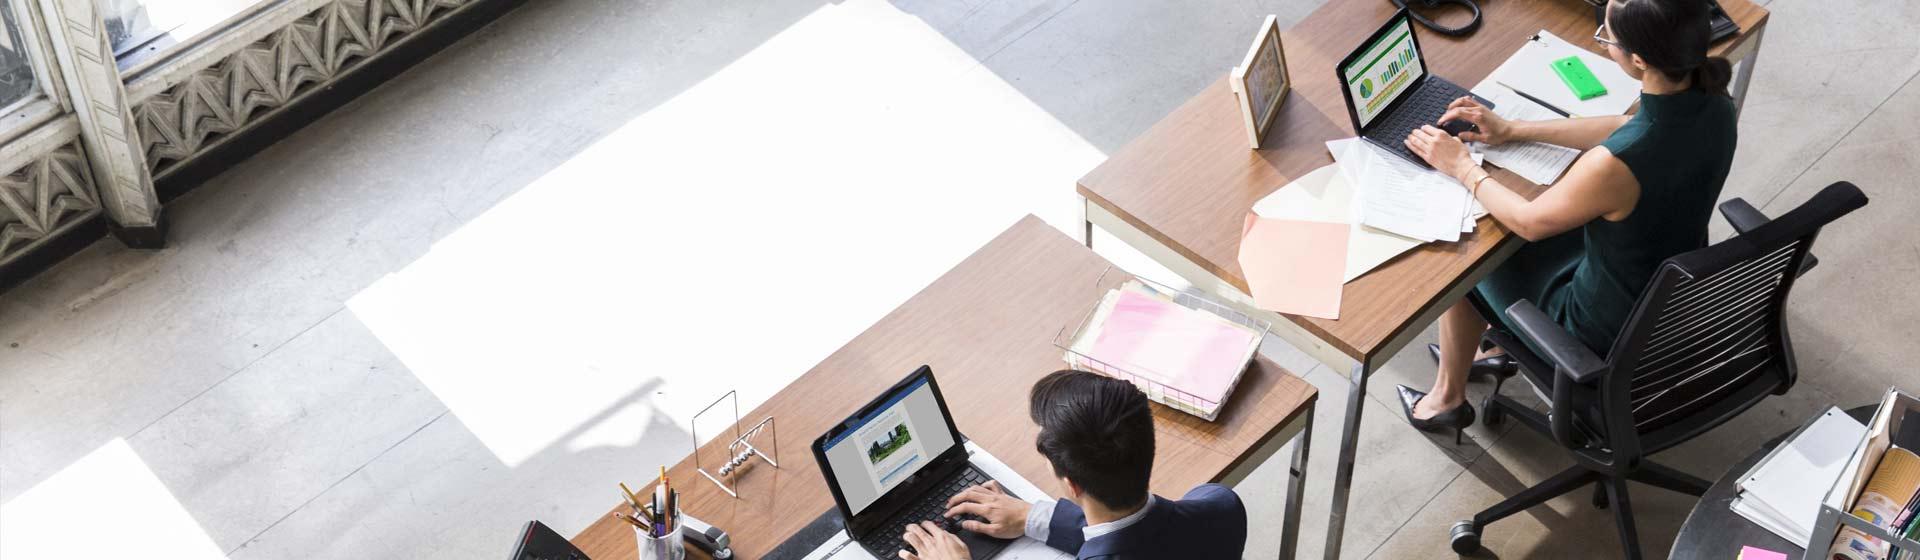 Dapatkan lebih banyak nilai—naik taraf daripada Office 2013 kepada Office 365 hari ini